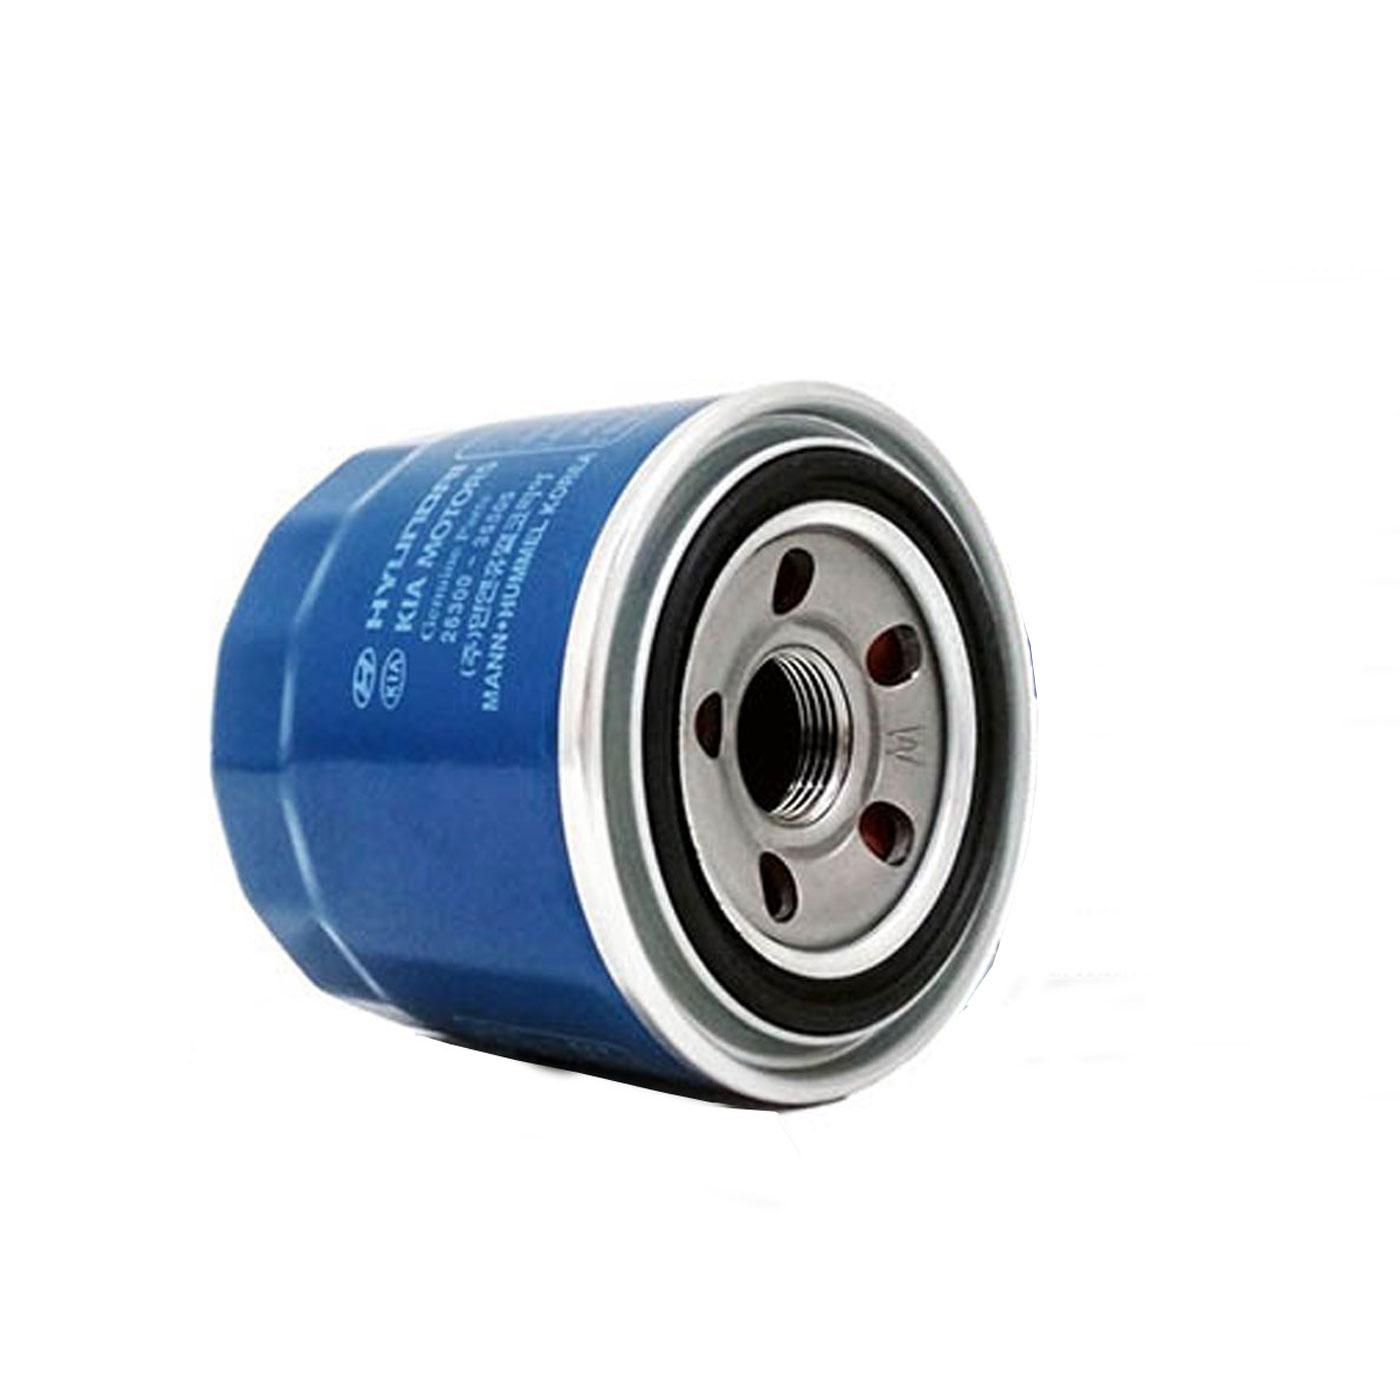 فیلتر روغن خودرو هیوندای جنیون پارتس مدل 35505 مناسب برای هیوندای النترا